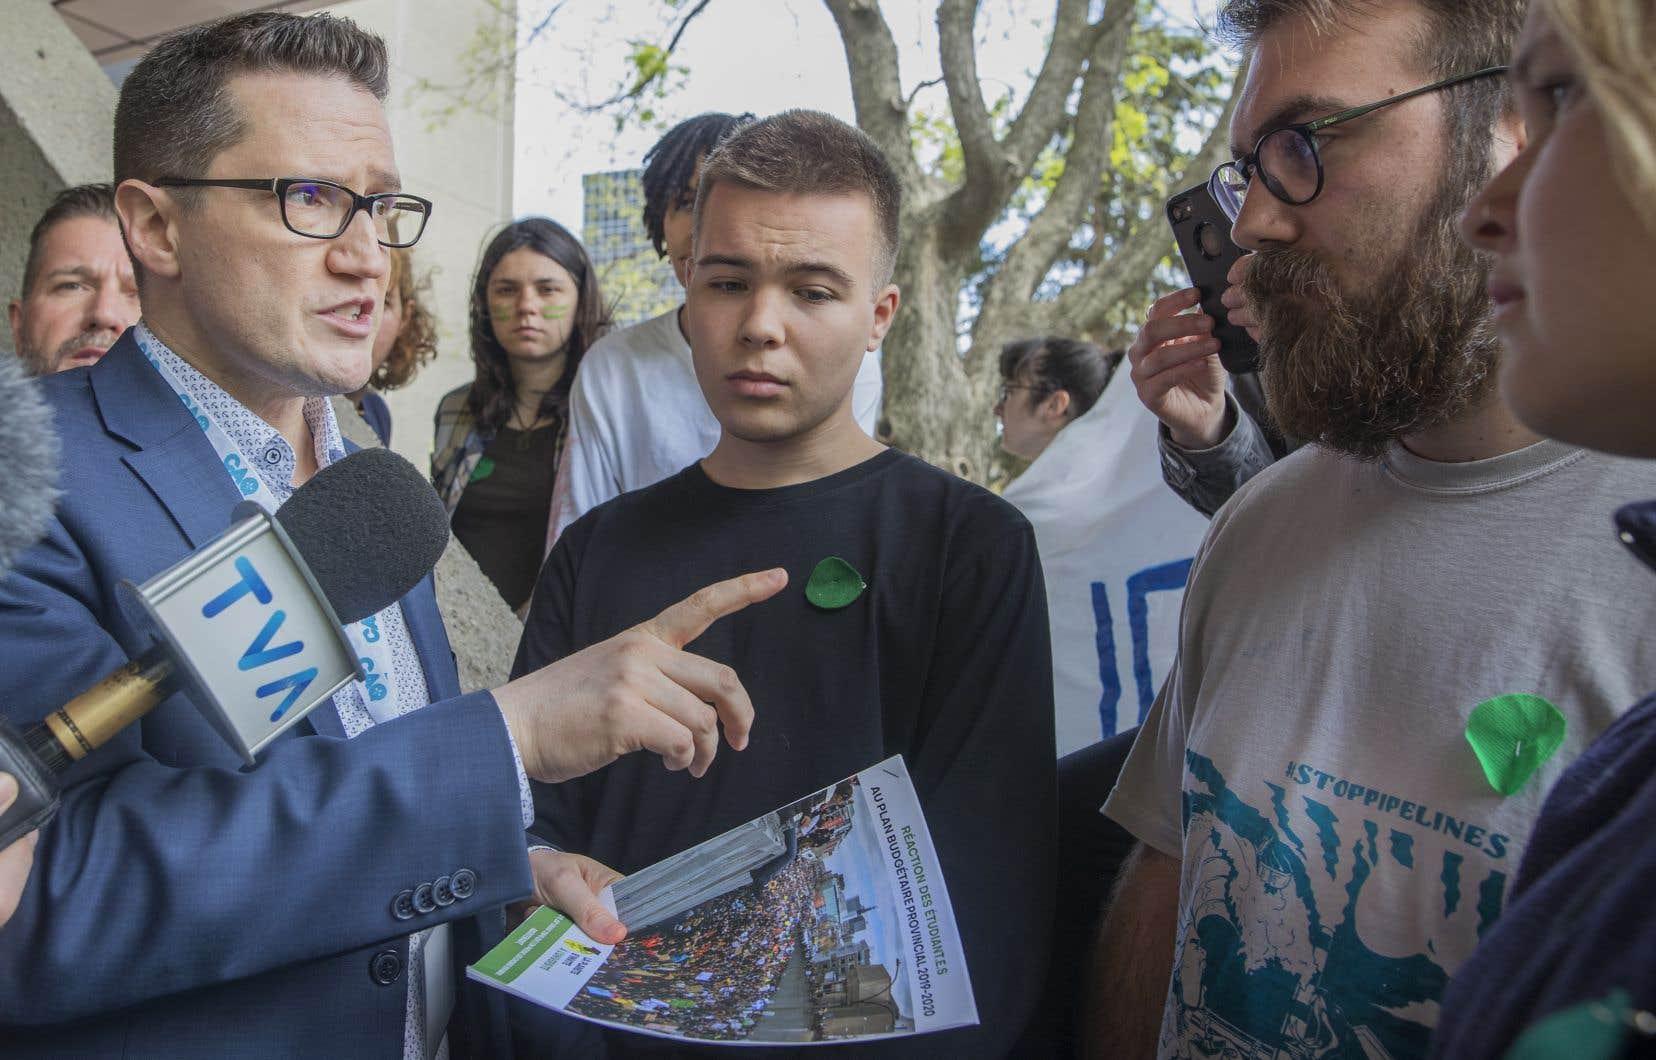 Des étudiants issus des collectifs «La Planète s'invite à l'Université», «Pour le futur Mtl» et «Devoir Environnemental Collectif» réclament un entretien avec le premier ministre François Legault.